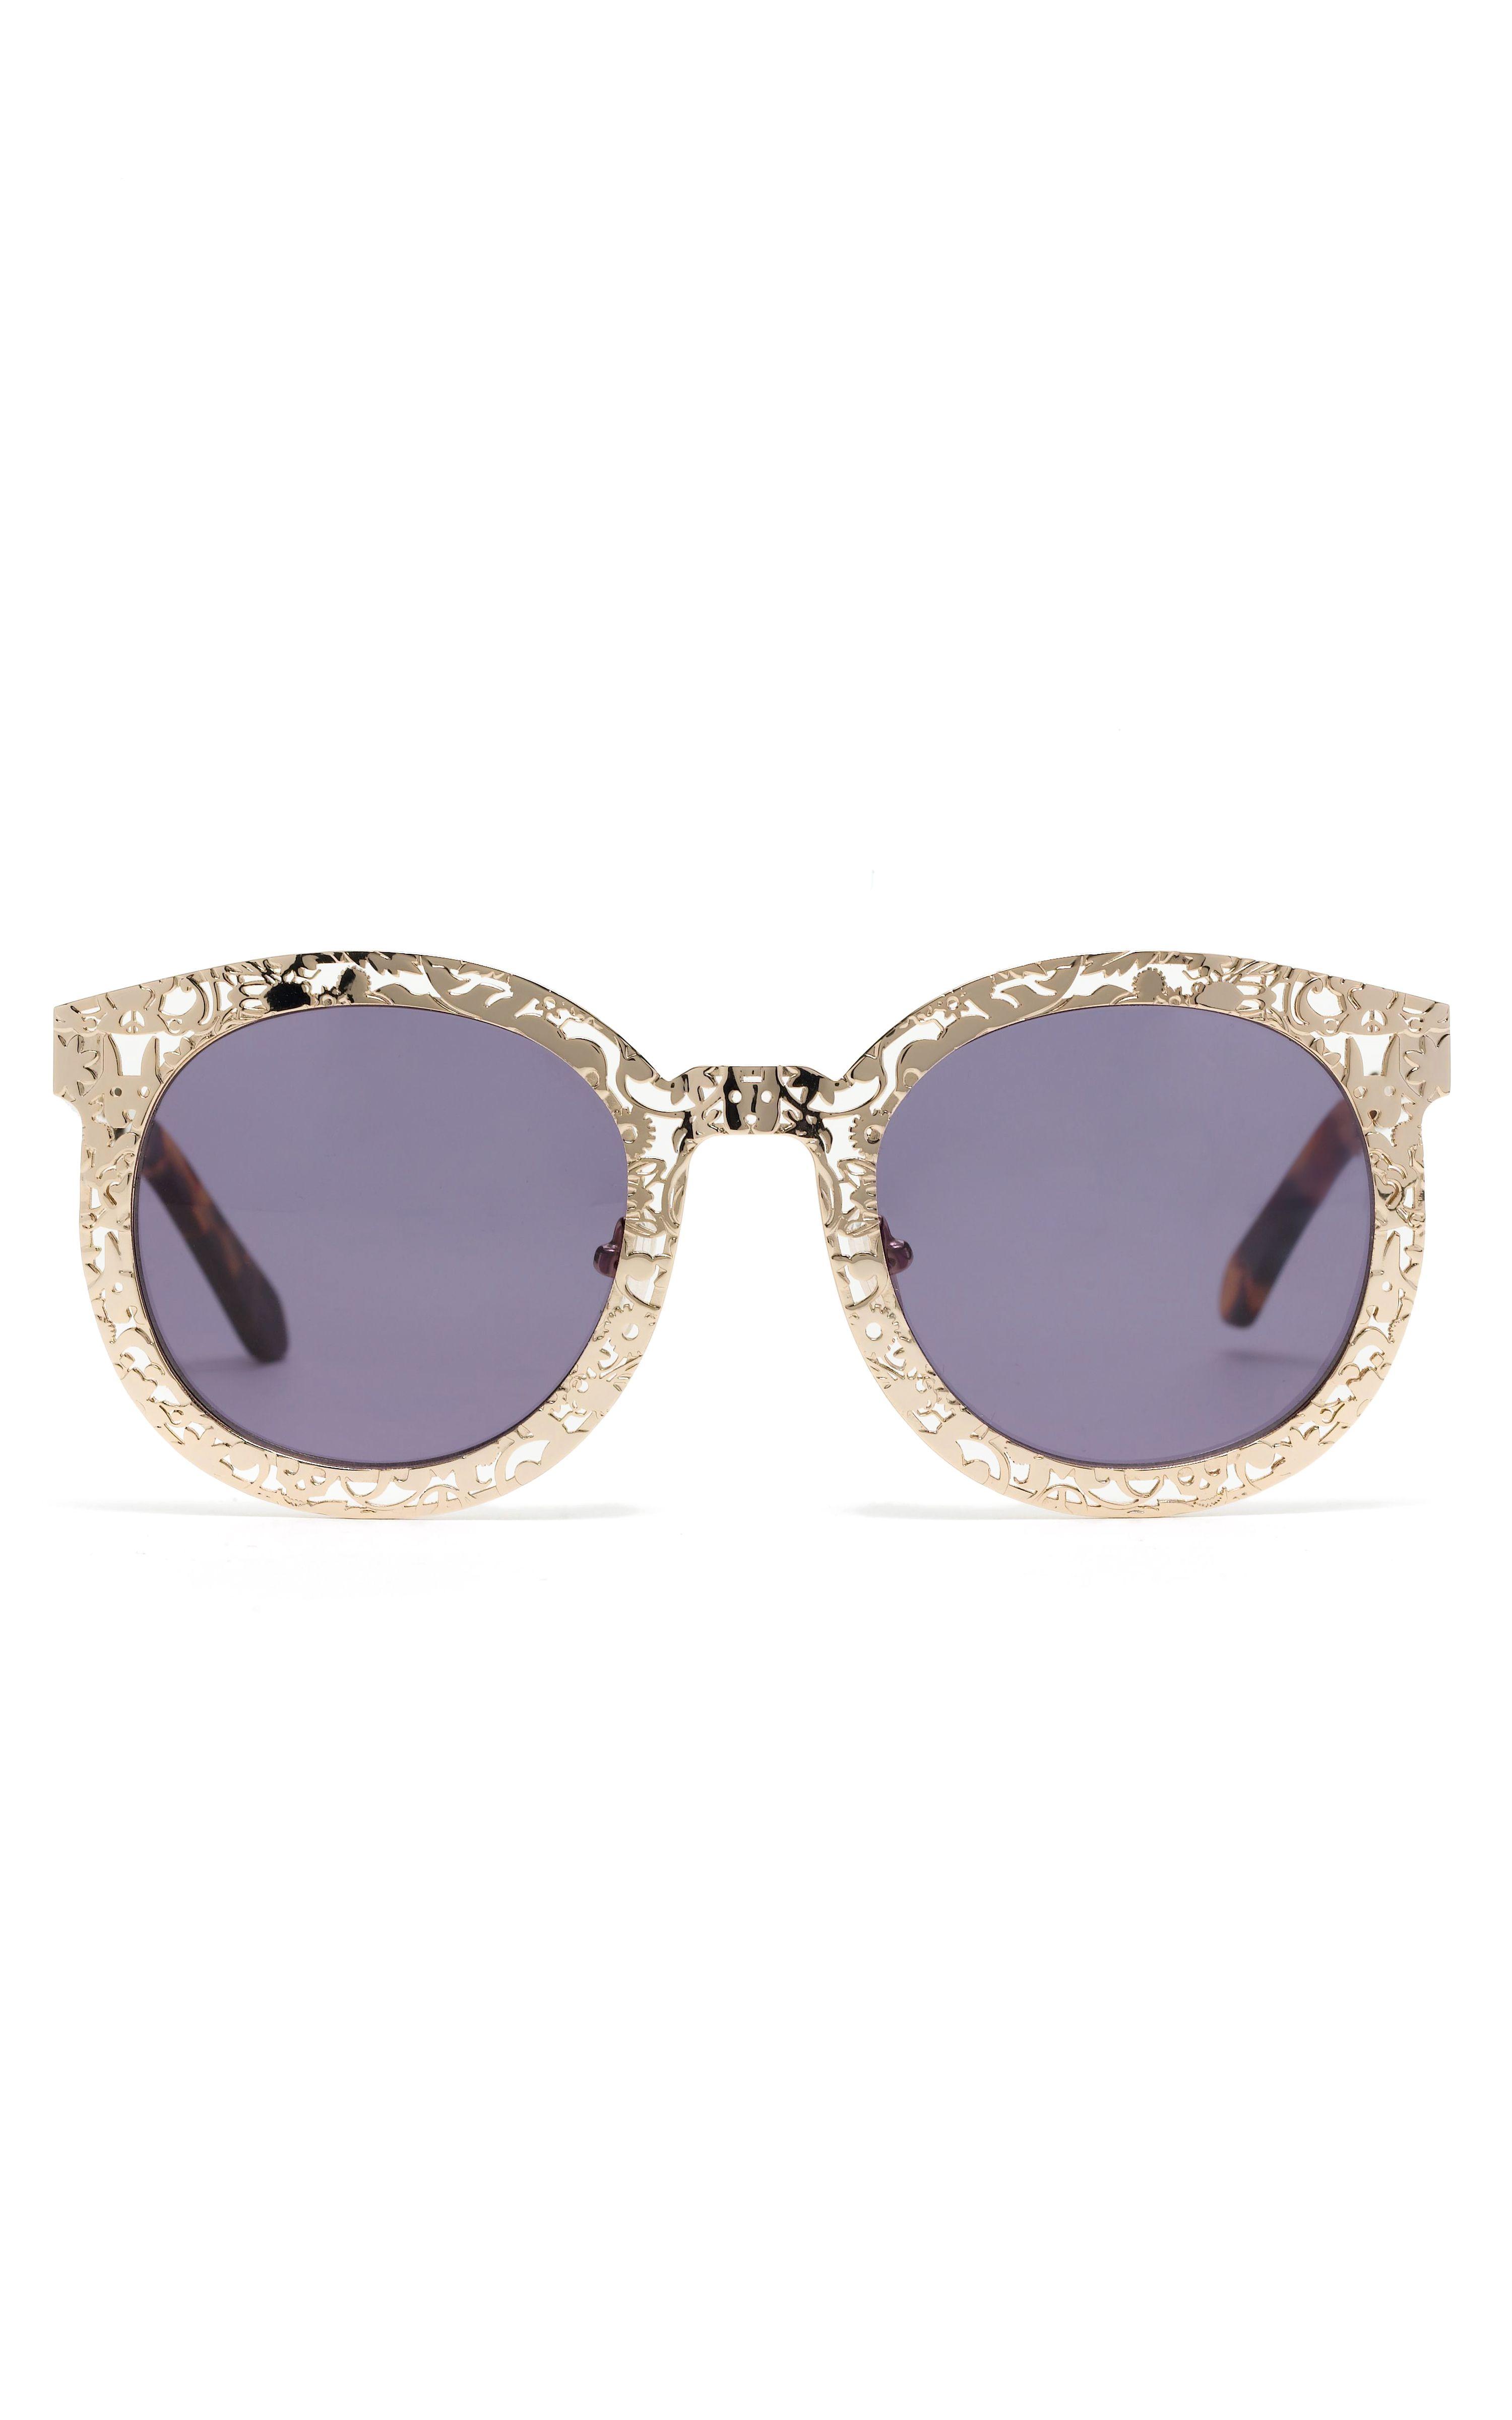 Lace Frame Glasses / Karen Walker